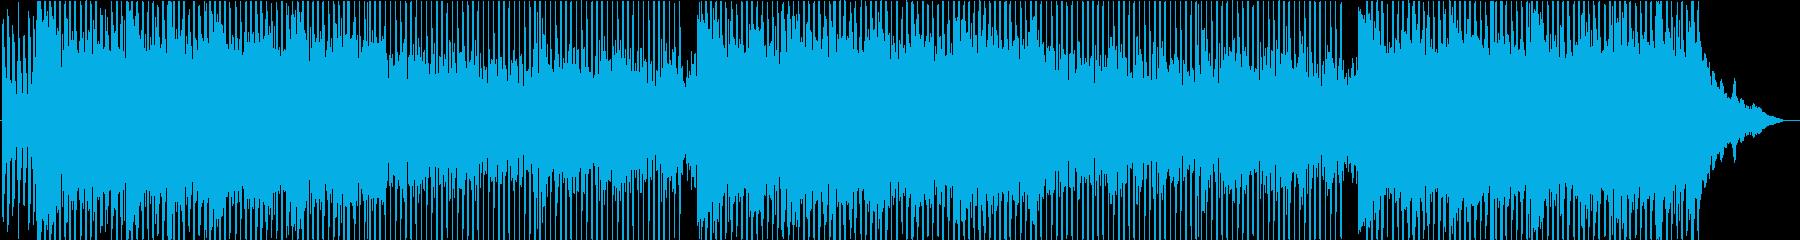 軽快 爽やか 企業VP 4つ打ち ハネ系の再生済みの波形